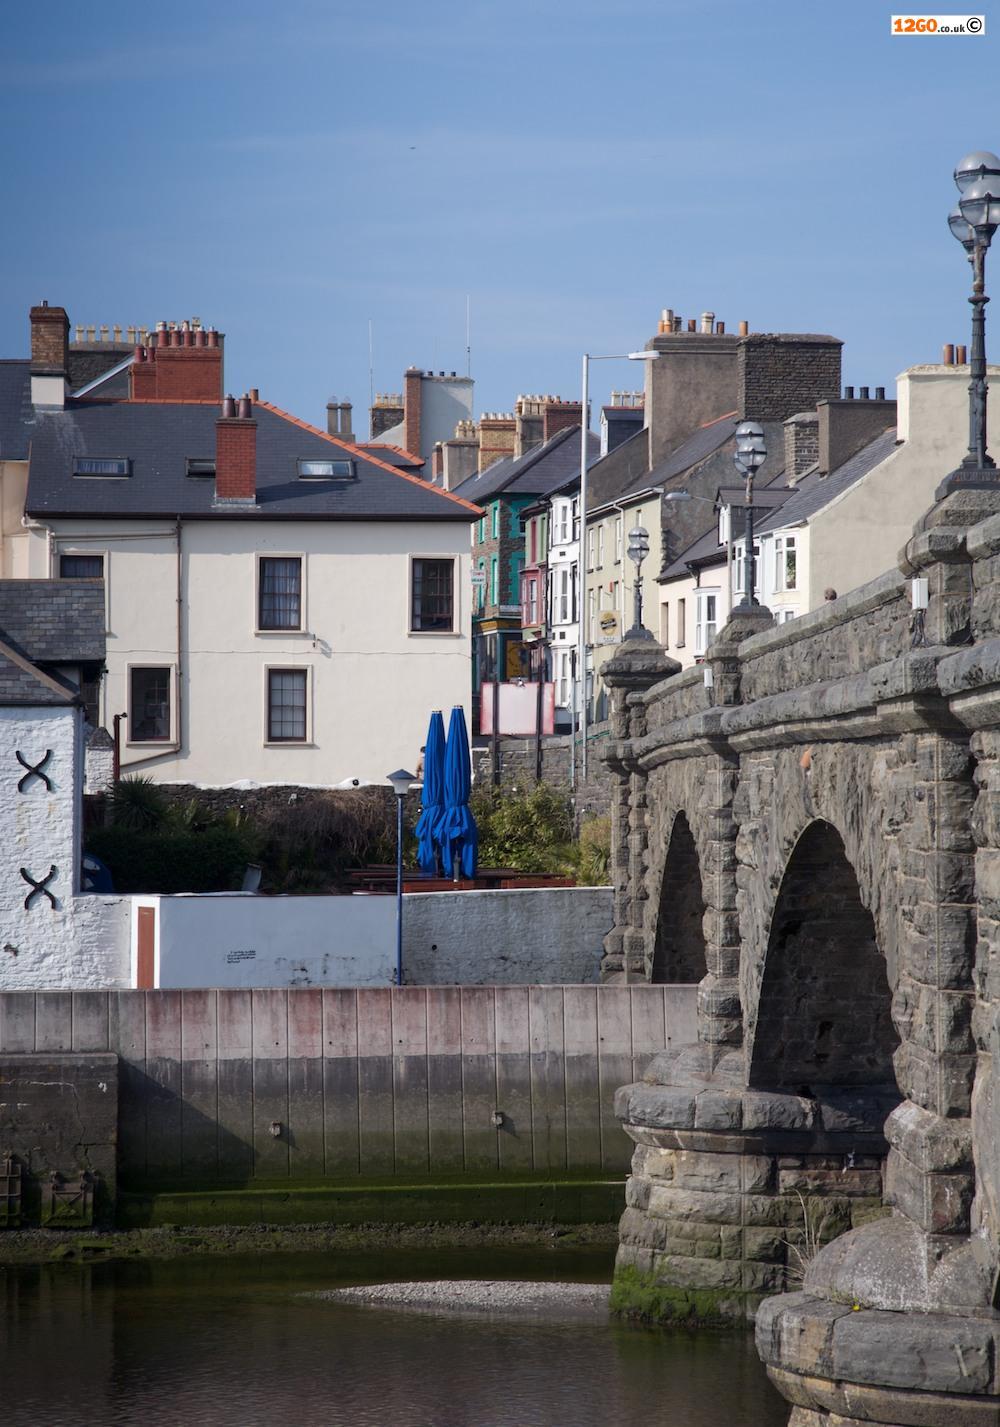 Pont Trefechan Rheidol Bridge, Aberystwyth